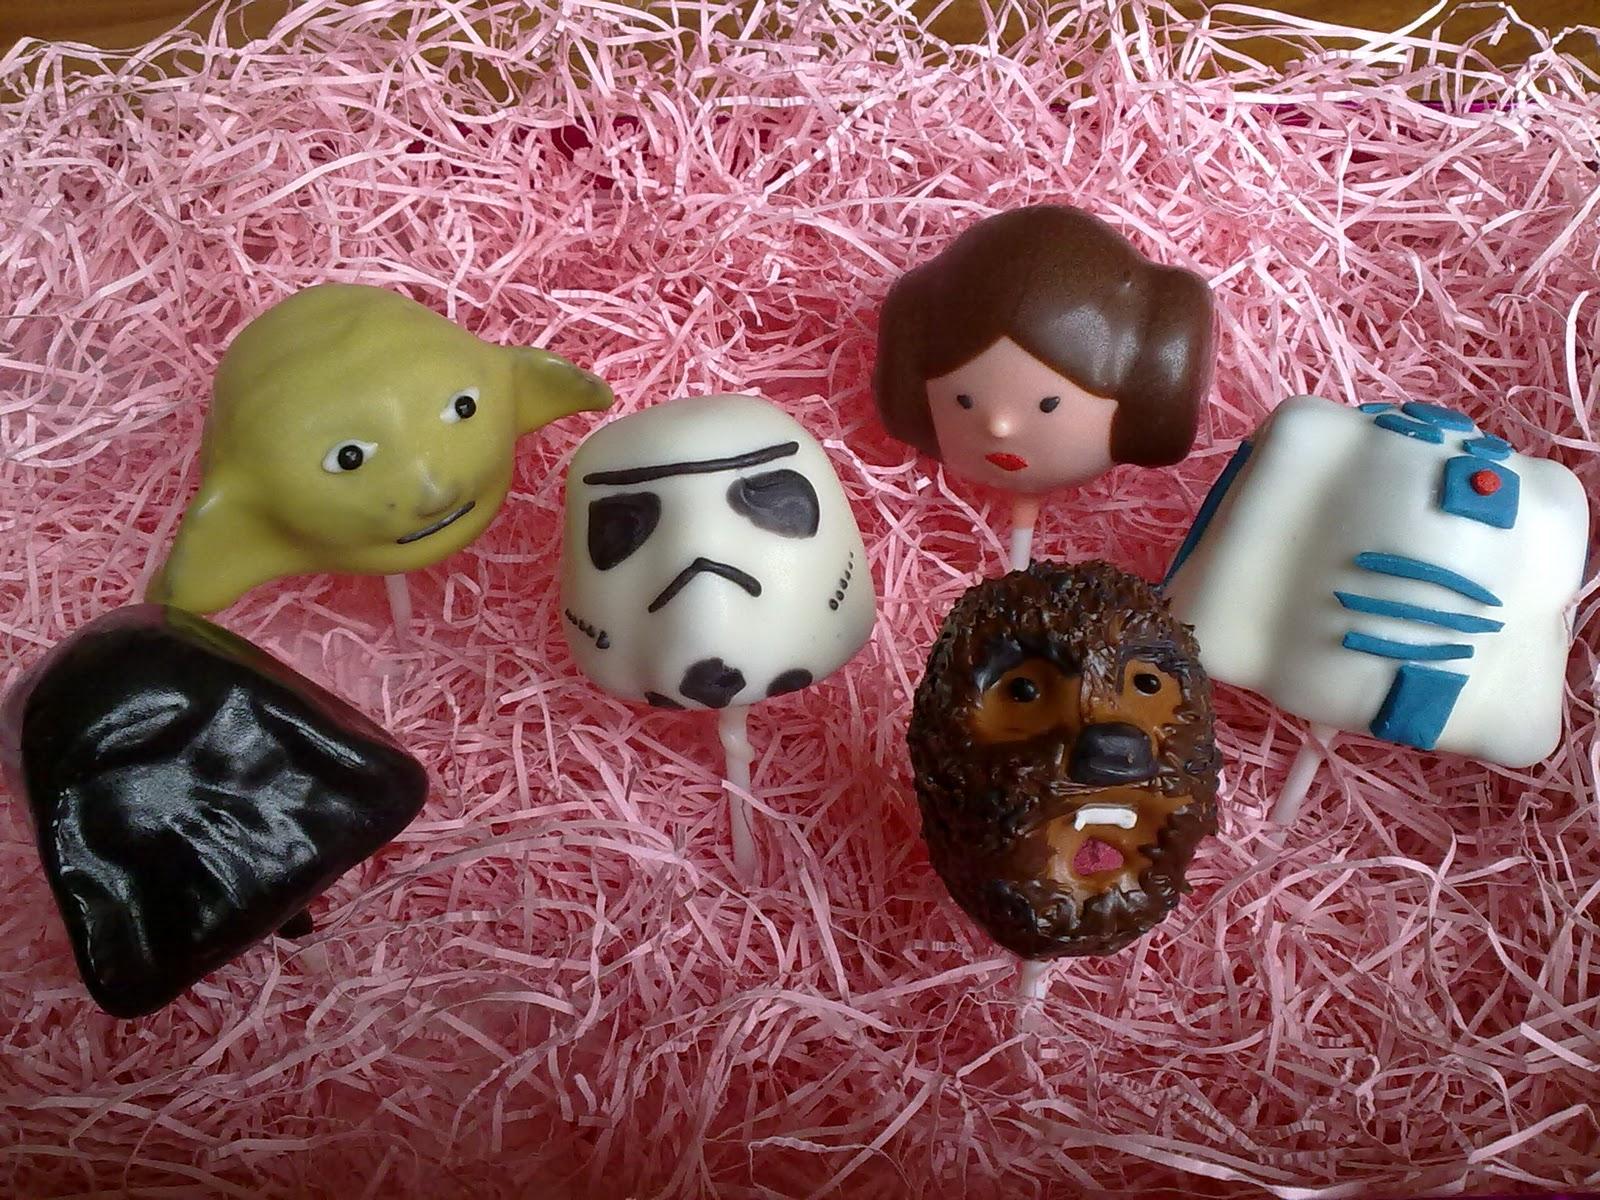 Princess Leia Cake Pops